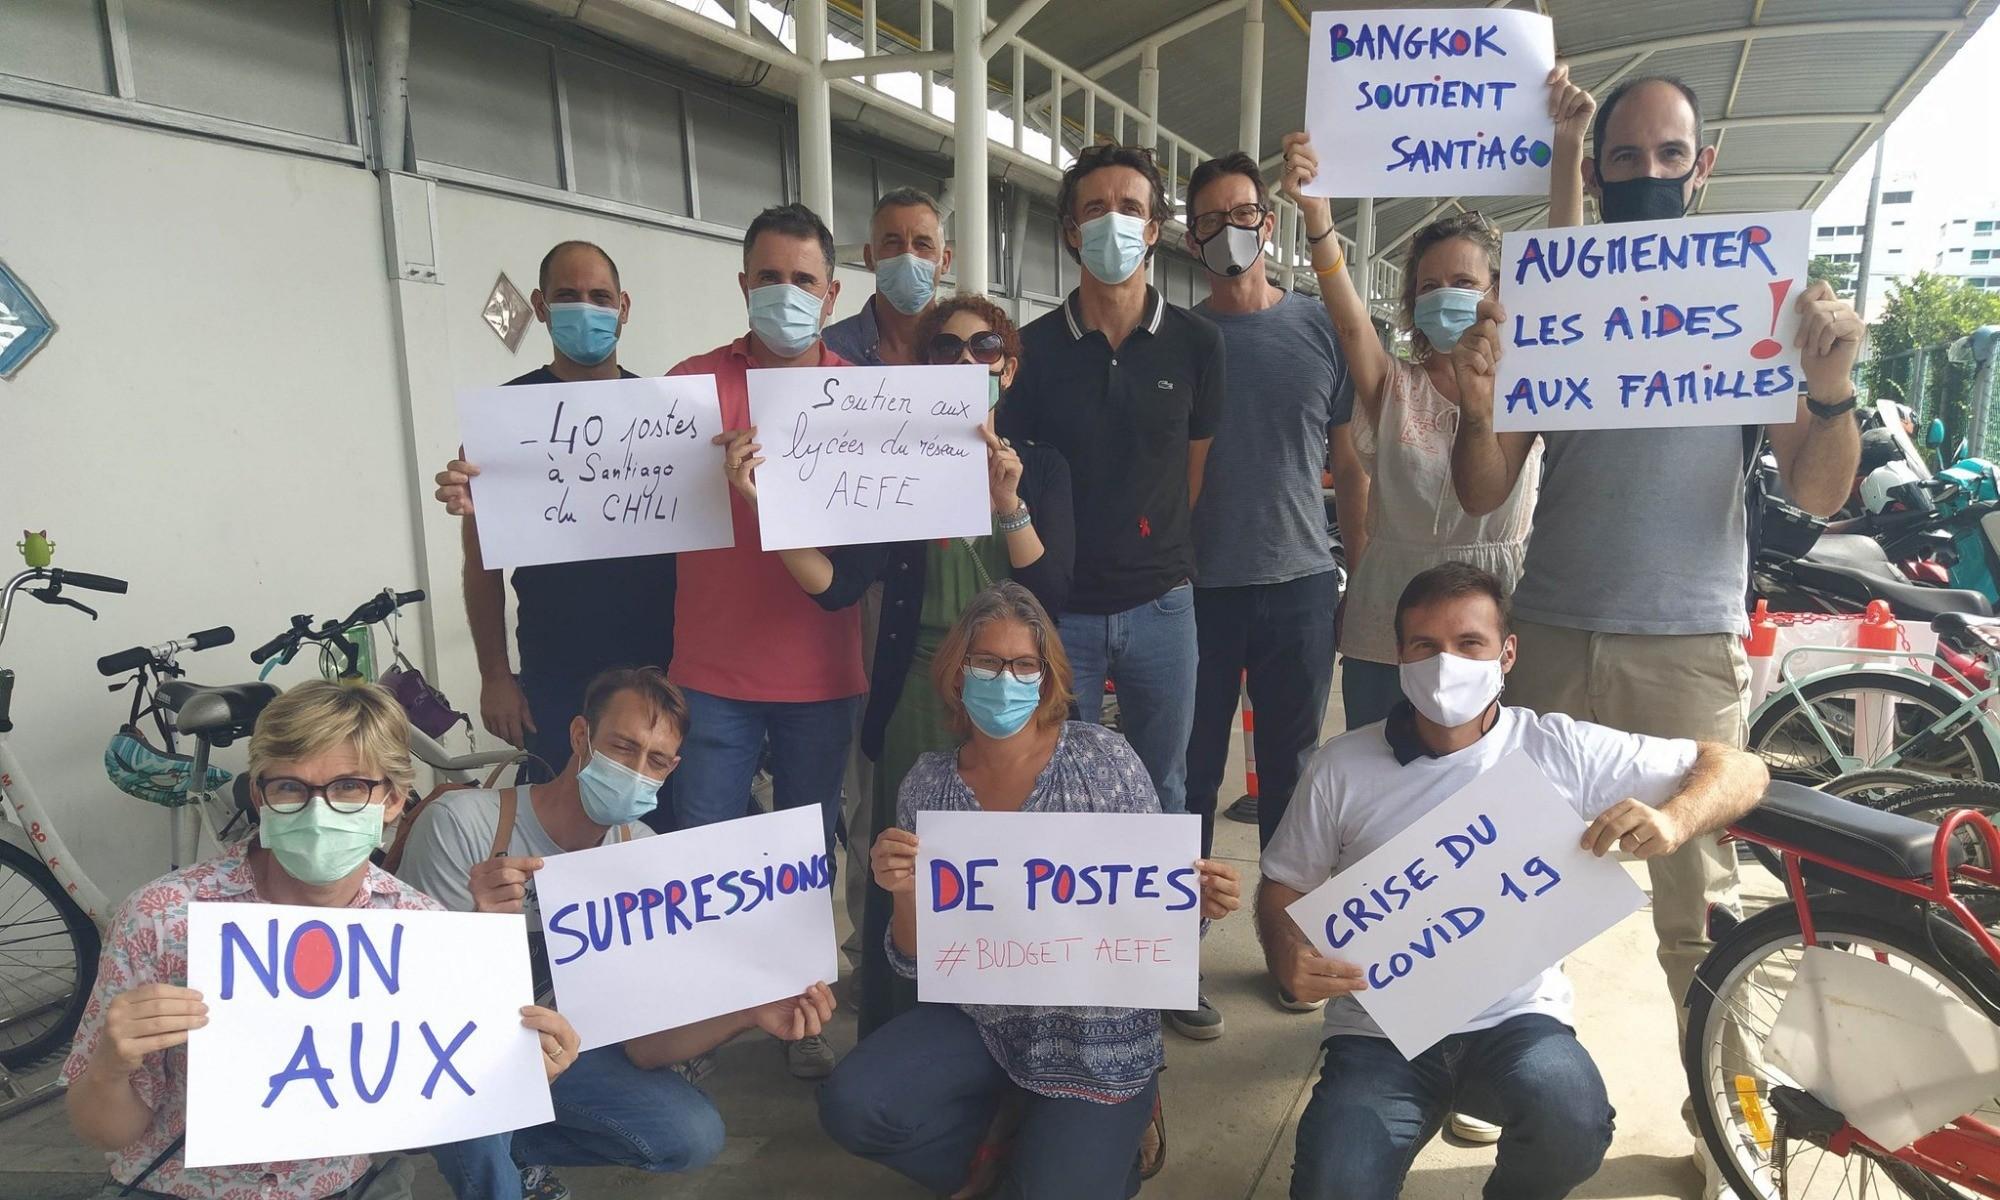 Suppressions de poste : les enseignants de l'AEFE se mobilisent